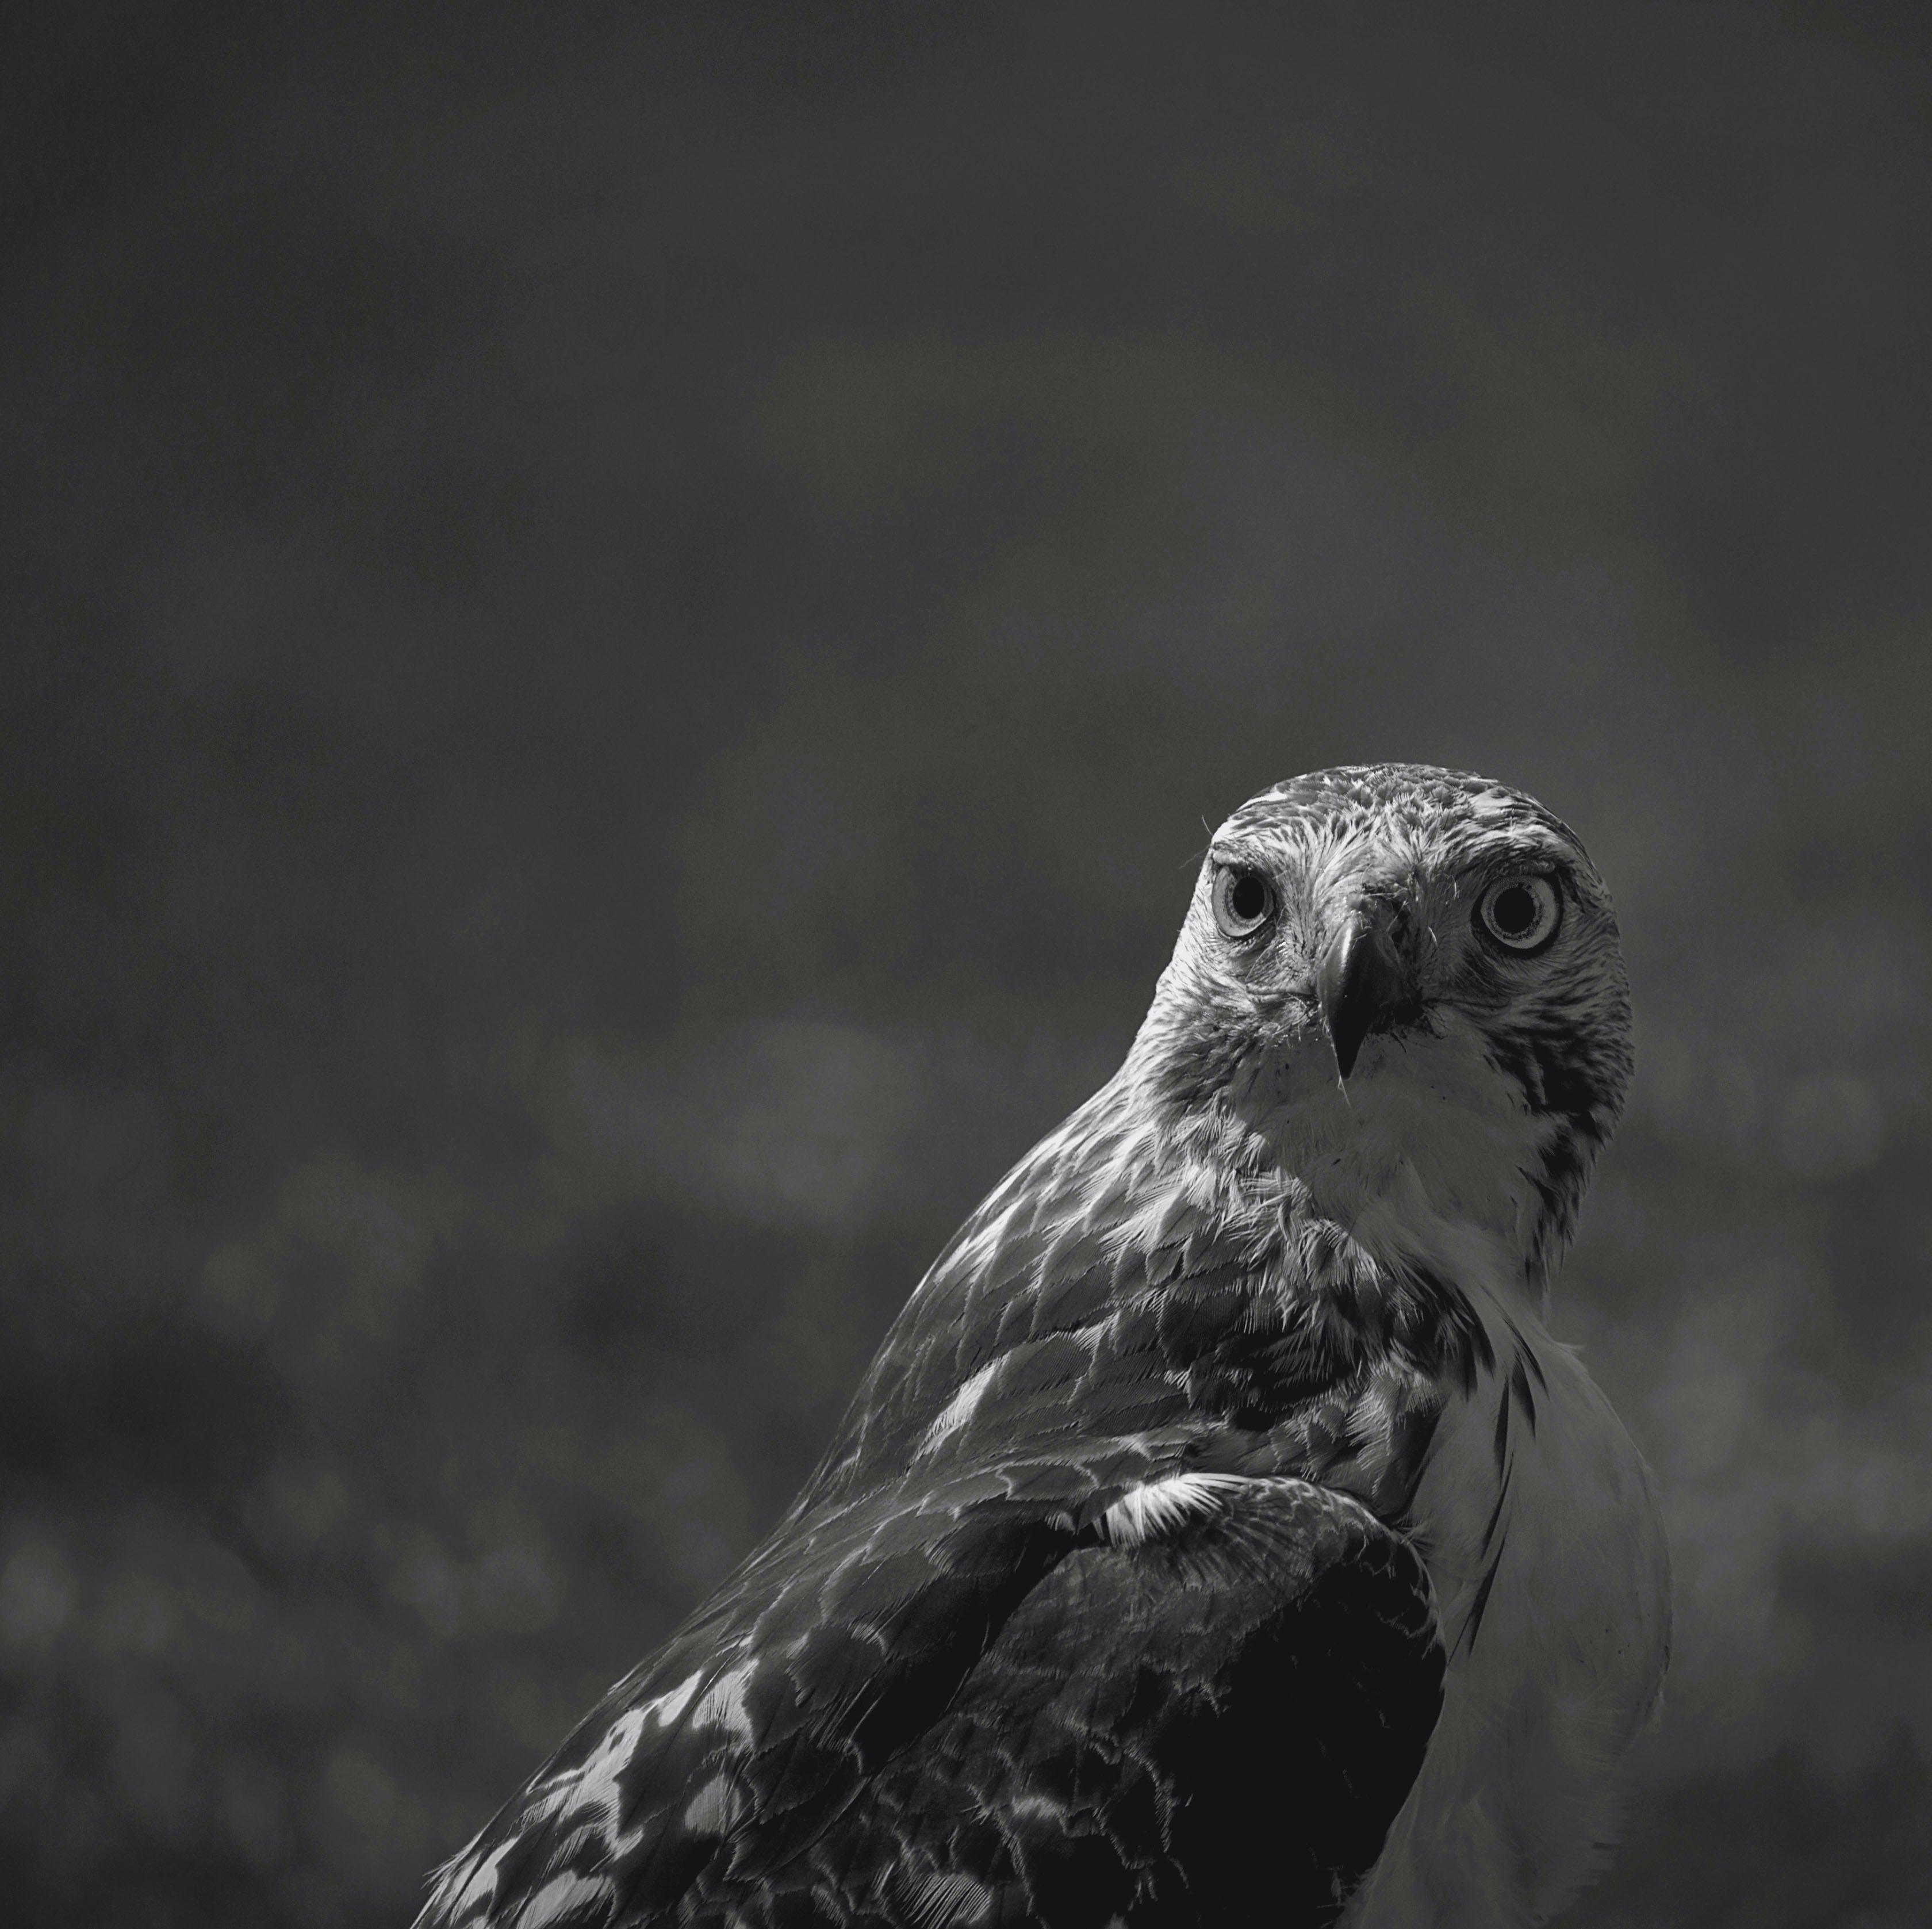 animal, beak, bird